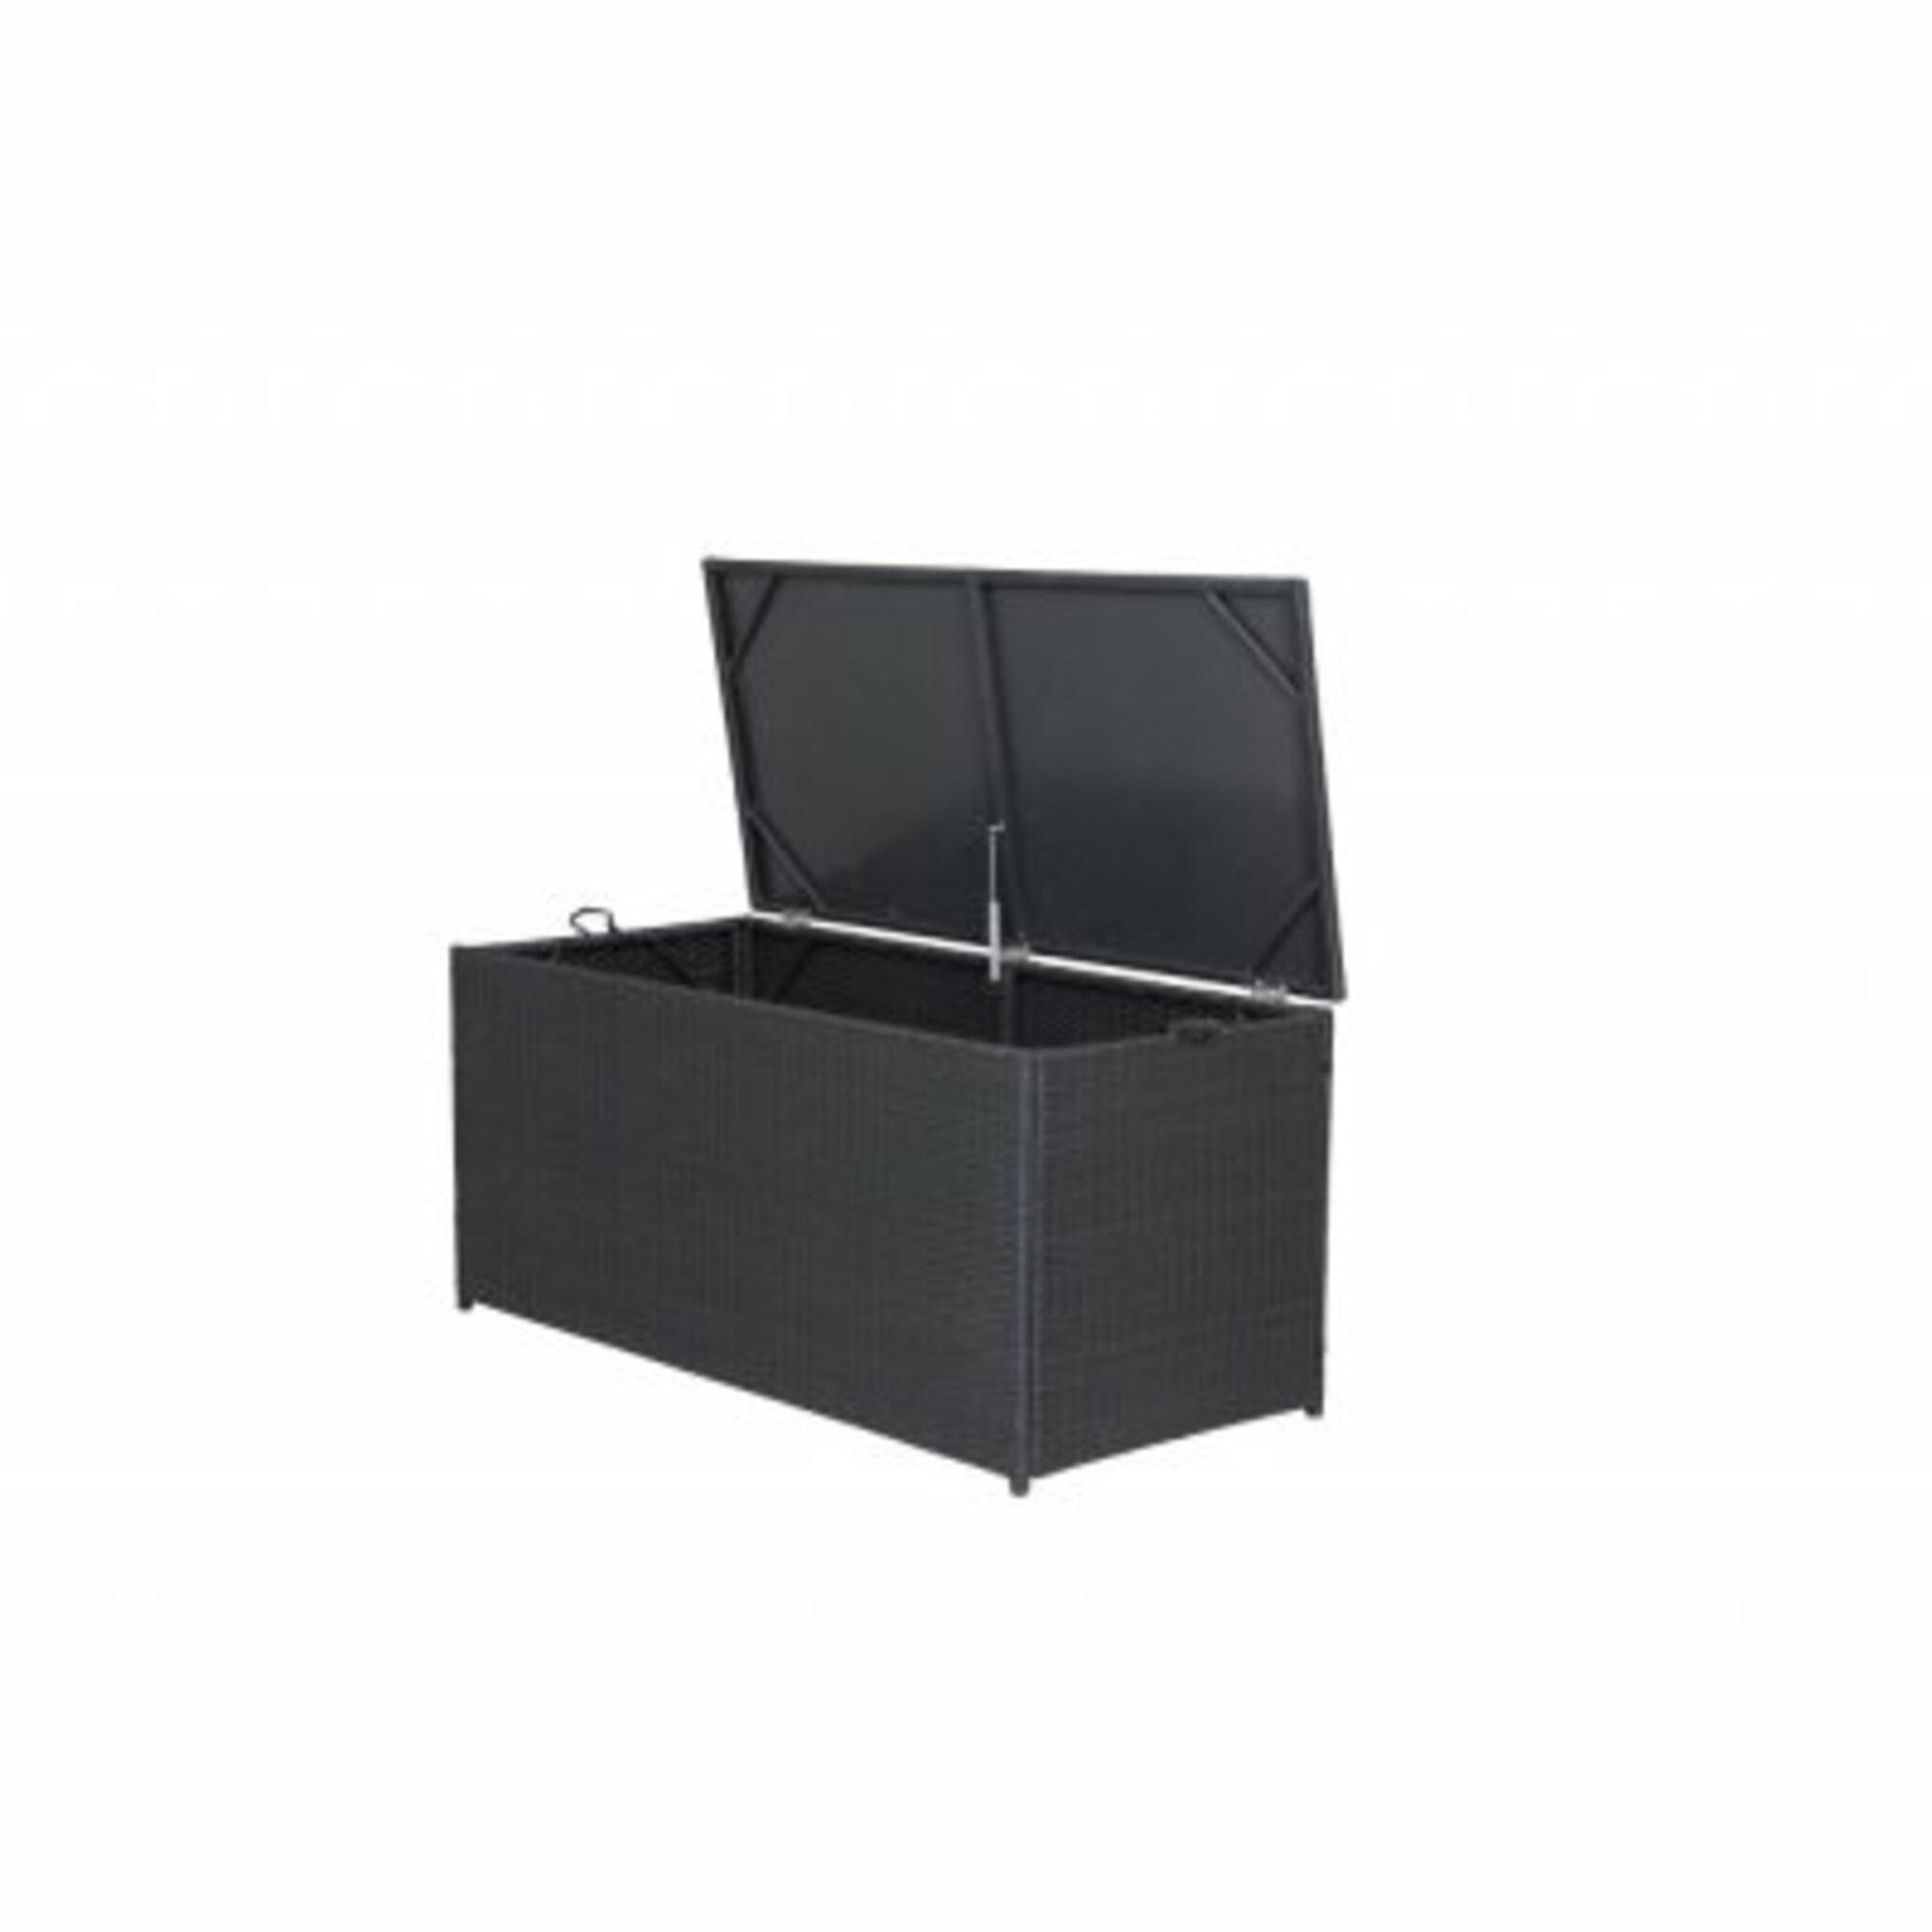 Dynbox London 130x60 cm, svart